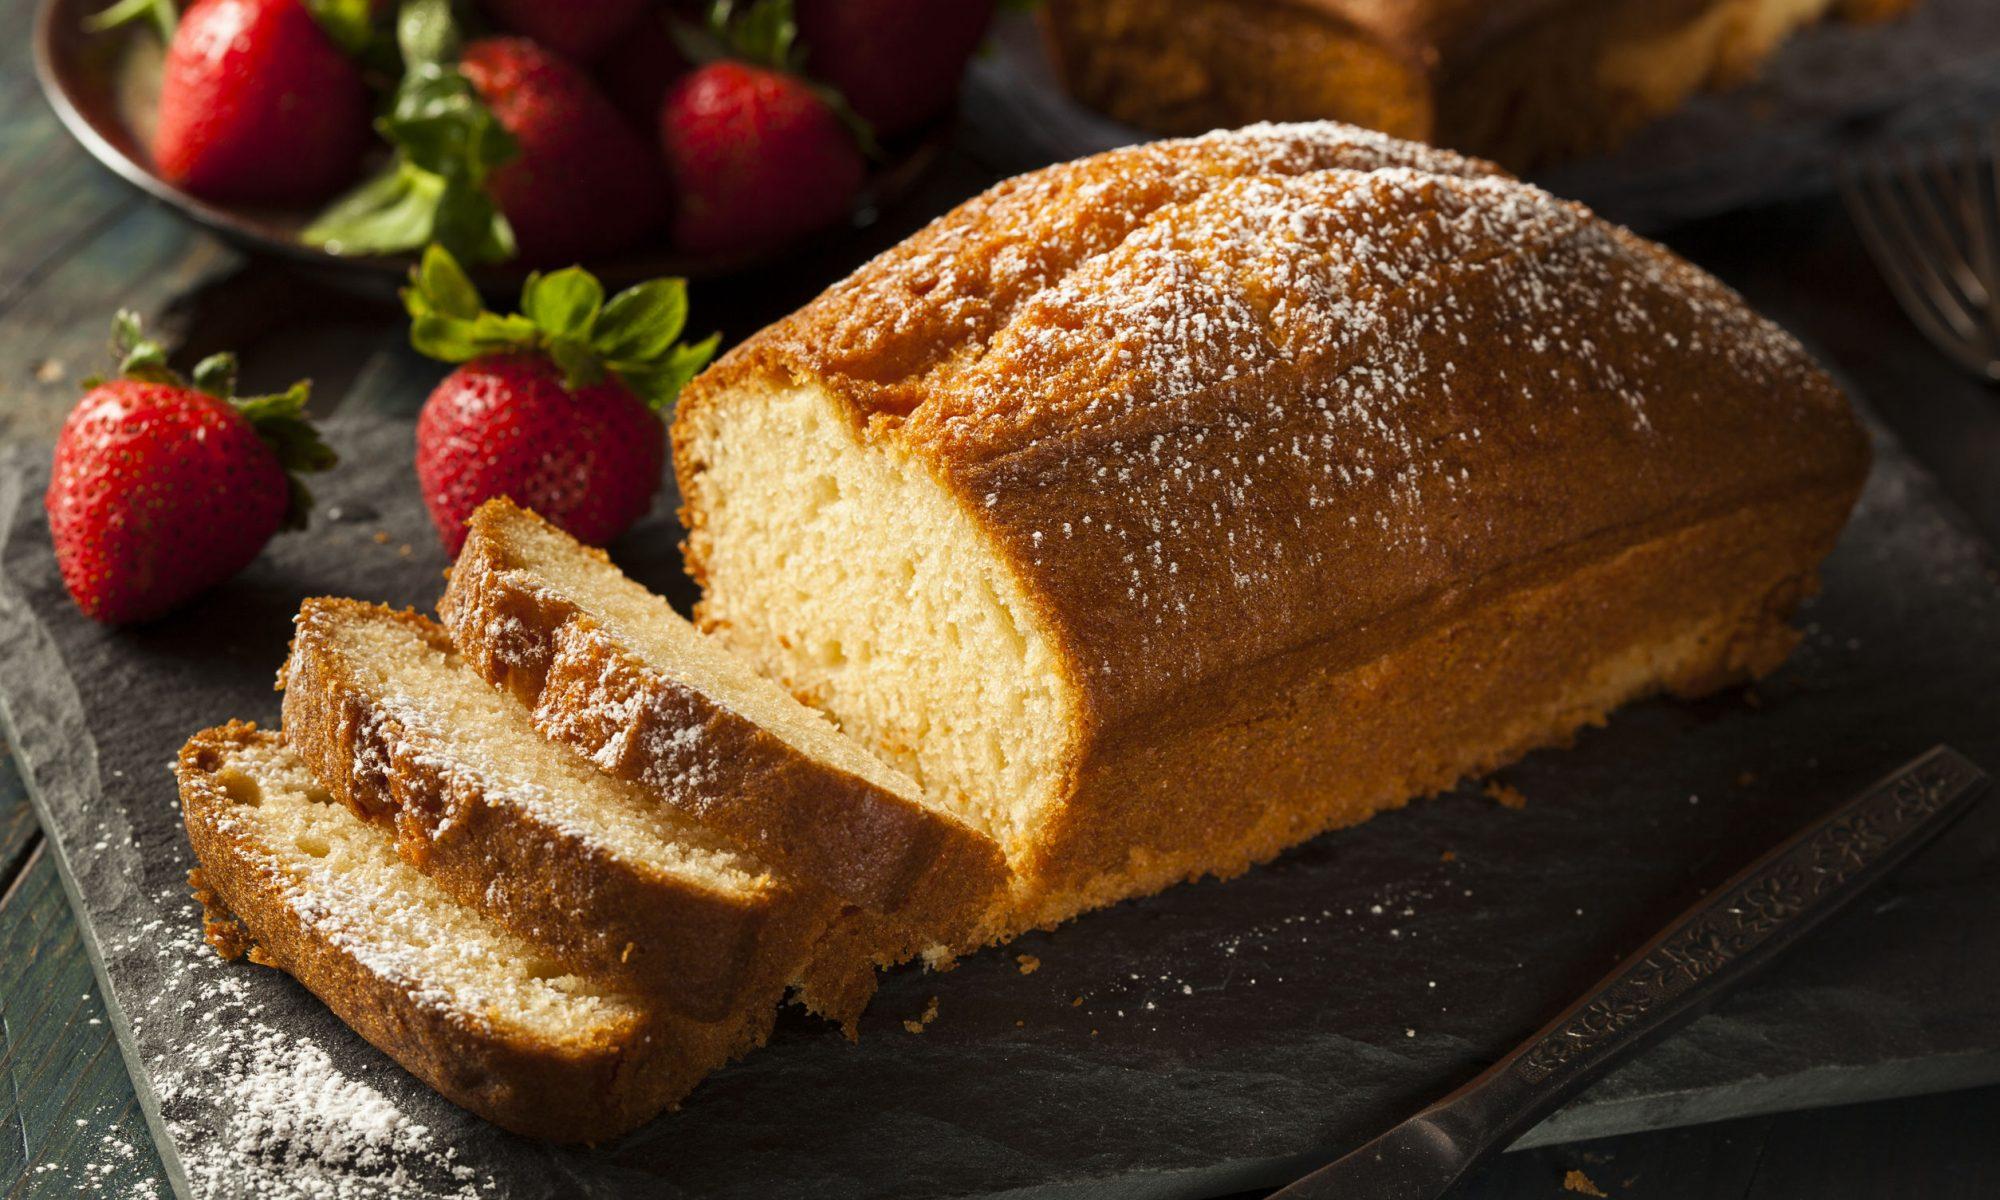 Рецепт бисквита для торта: соблюдаем все тонкости!